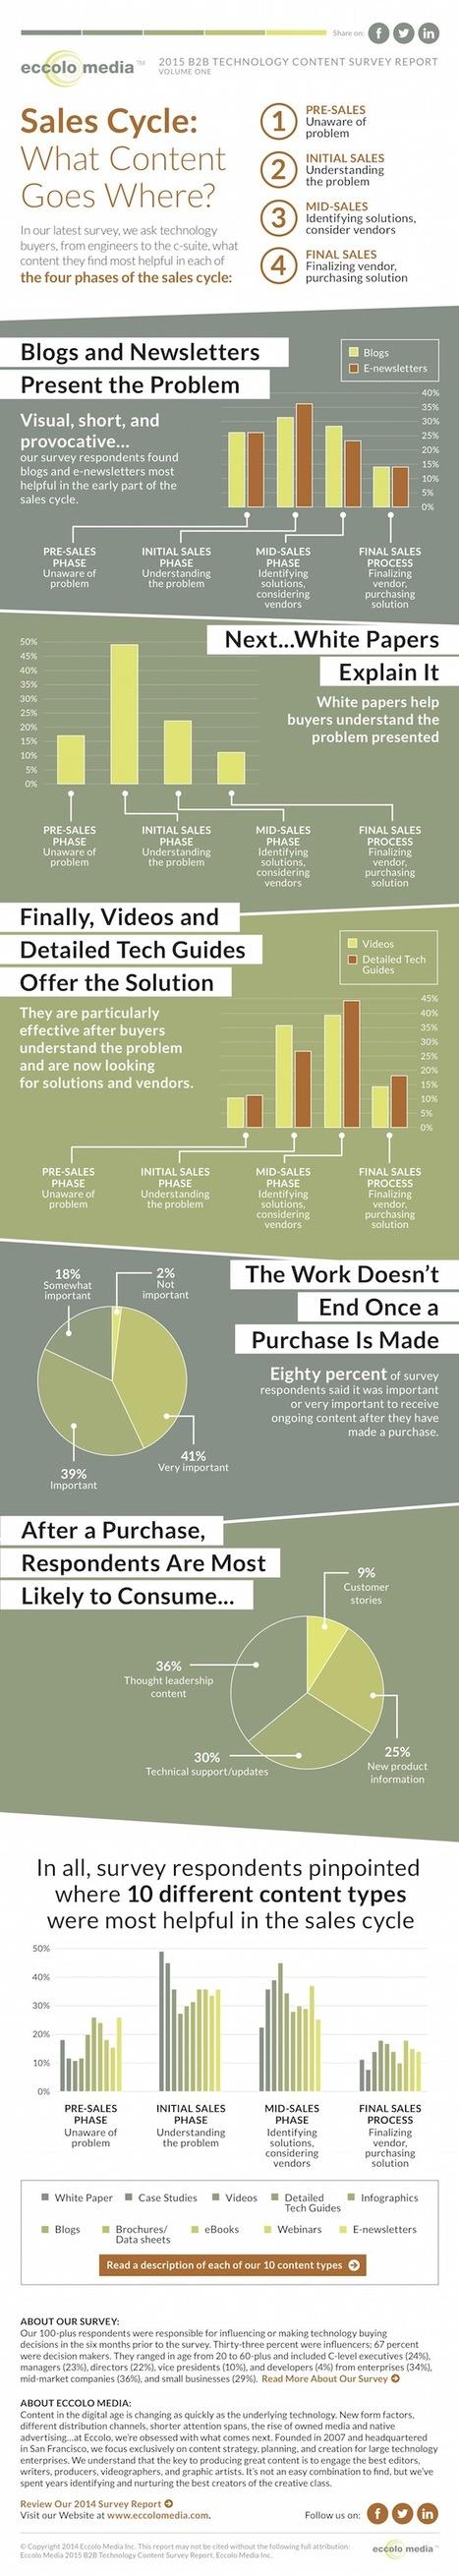 Los mejores tipos de contenido para cada etapa del ciclo de ventas B2B [Infografía] | Gestión de contenidos | Scoop.it